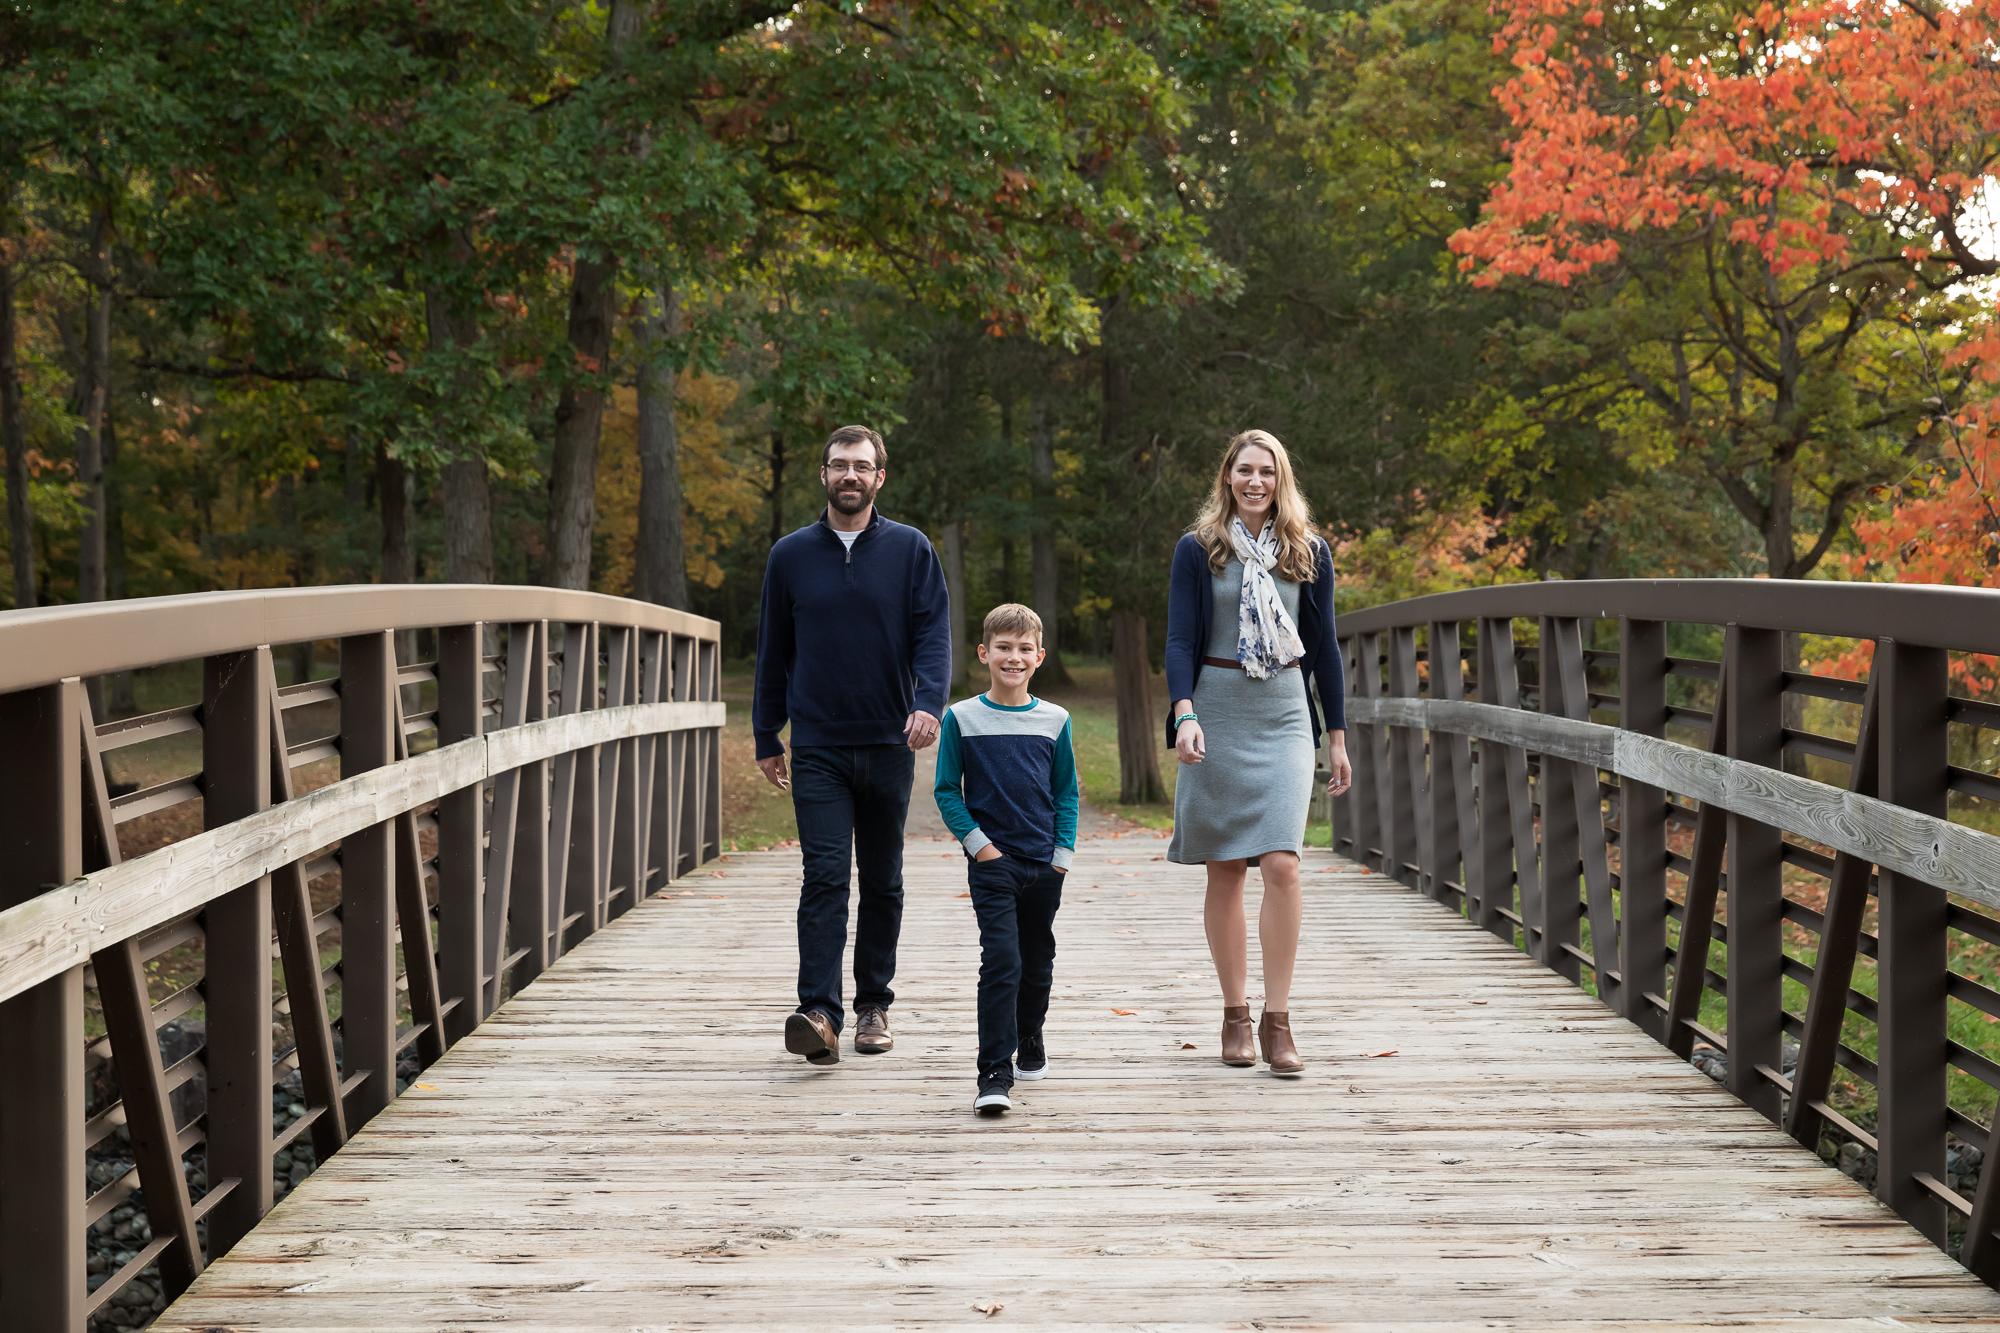 Ann Arbor Fall Portrait Photographer